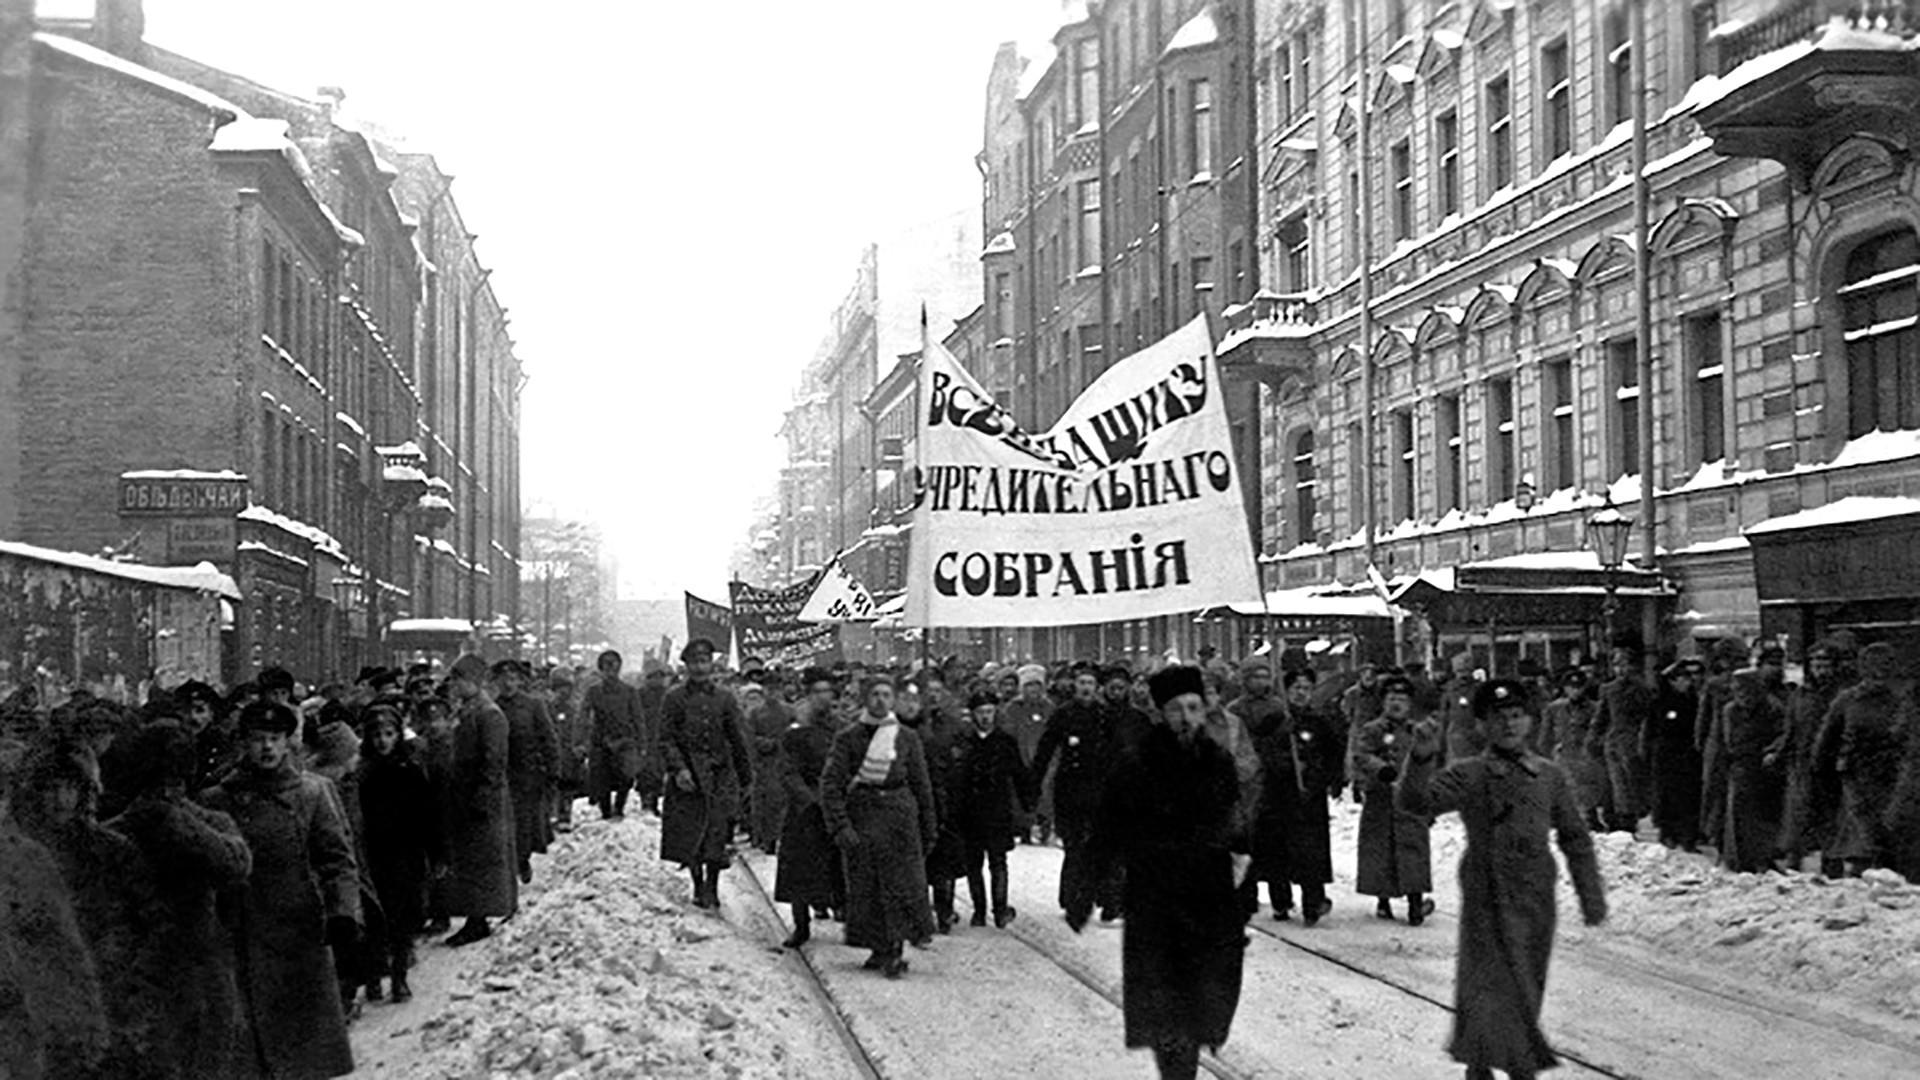 Бољшевици су растурили митинг подршке Оснивачкој скупштини и побили многе демонстранте.